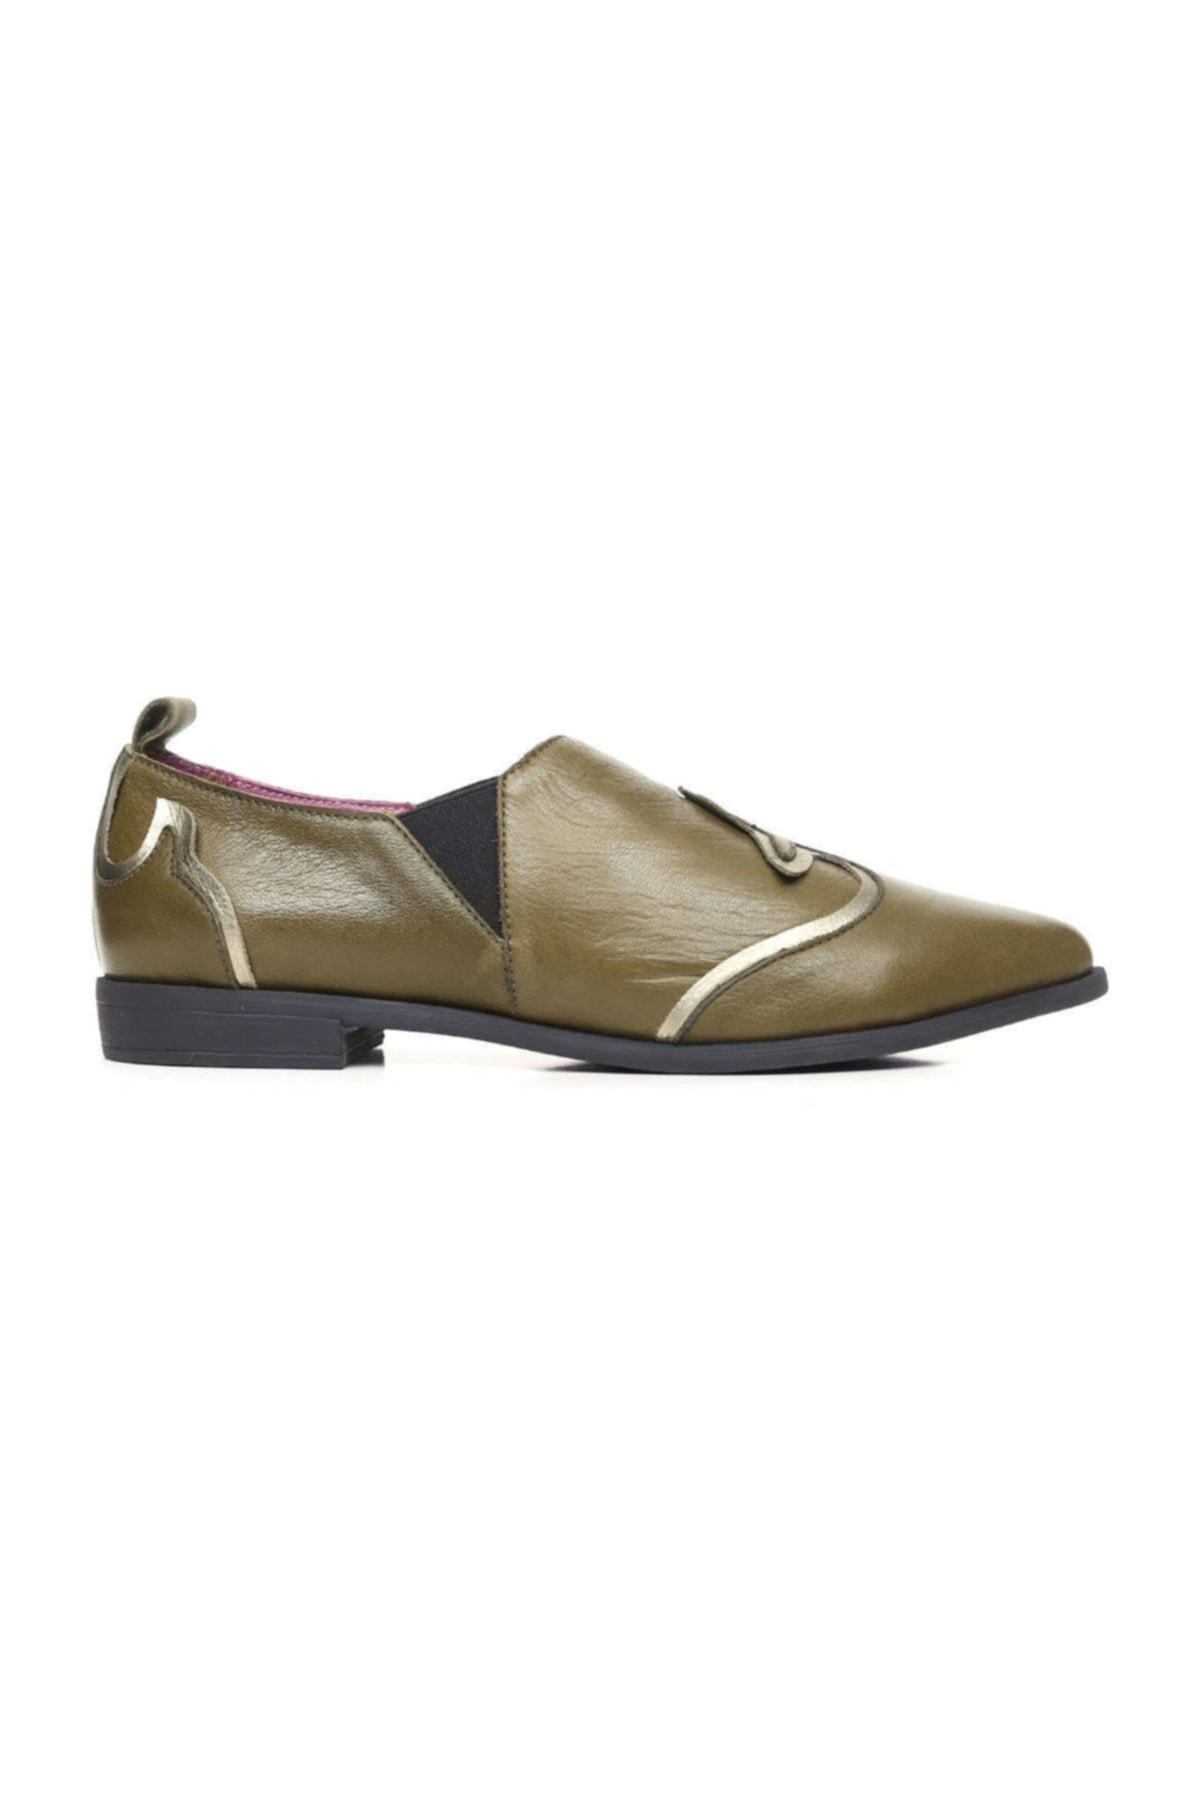 BUENO Shoes  Kadın Ayakkabı 1